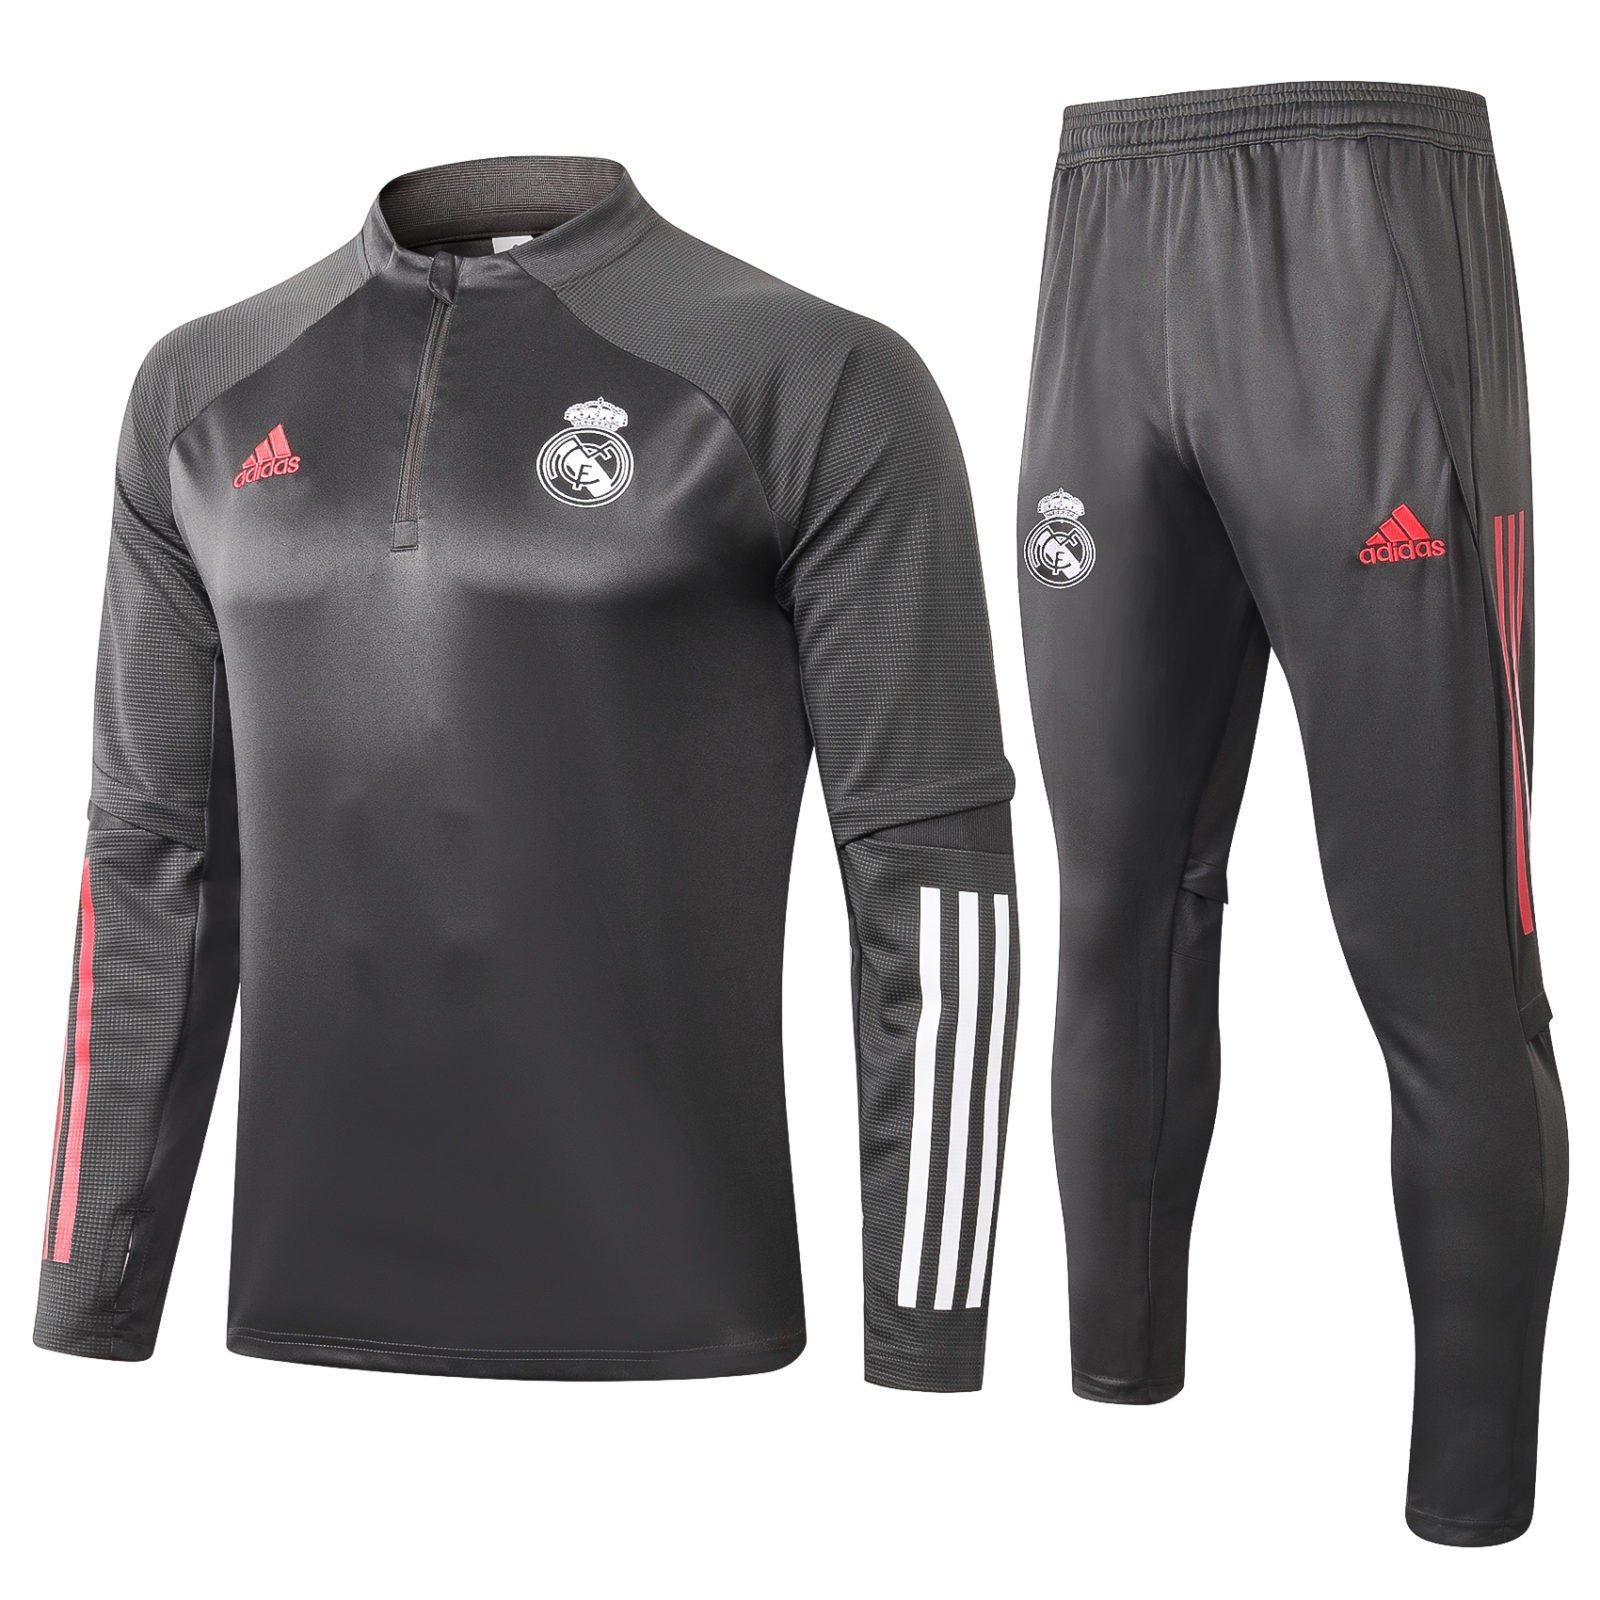 Спортивный костюм Реал Мадрид сезон 2020-2021 арт. 22007